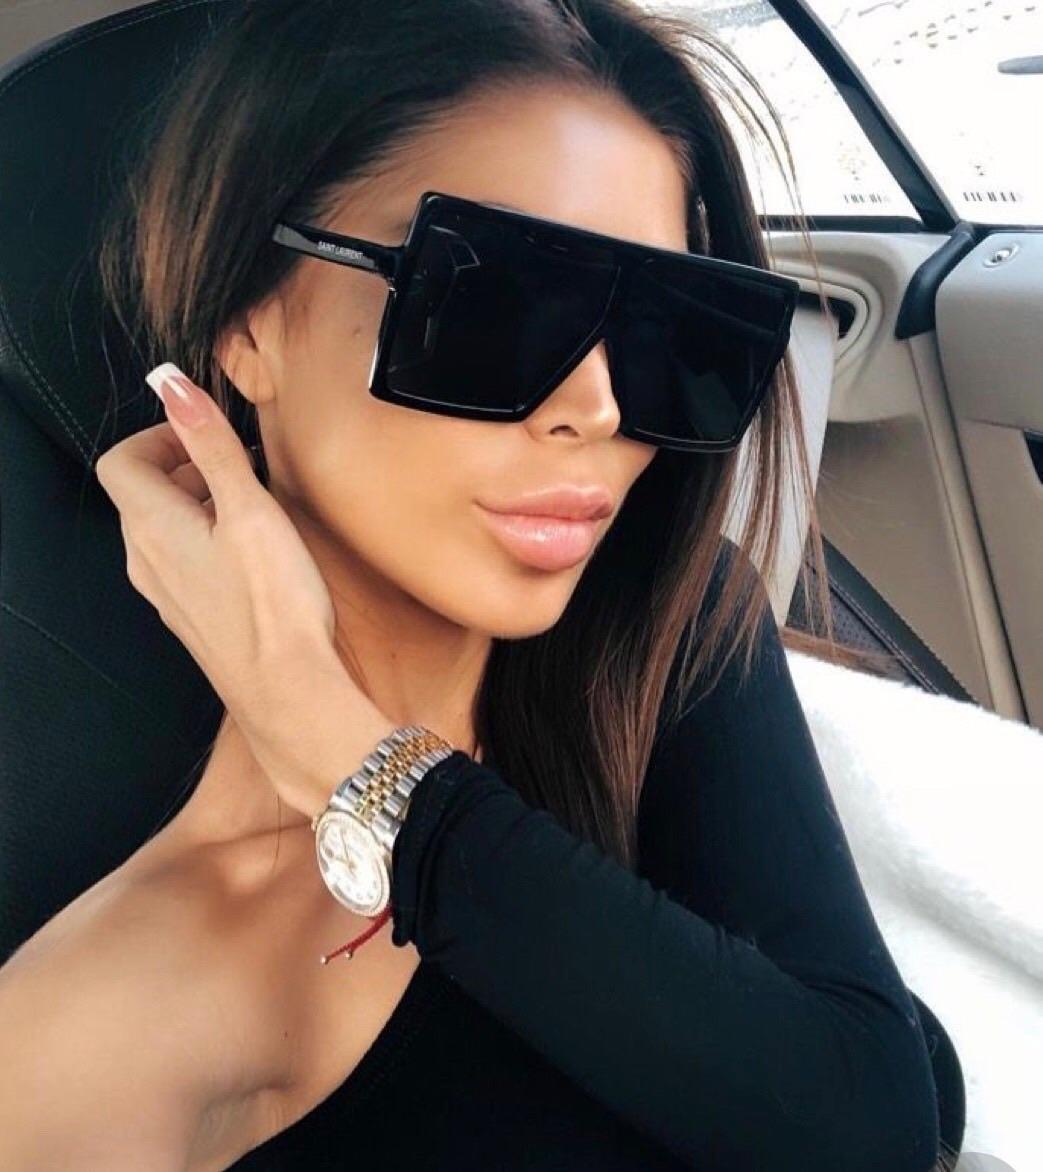 Lea oversized fekete női napszemüveg